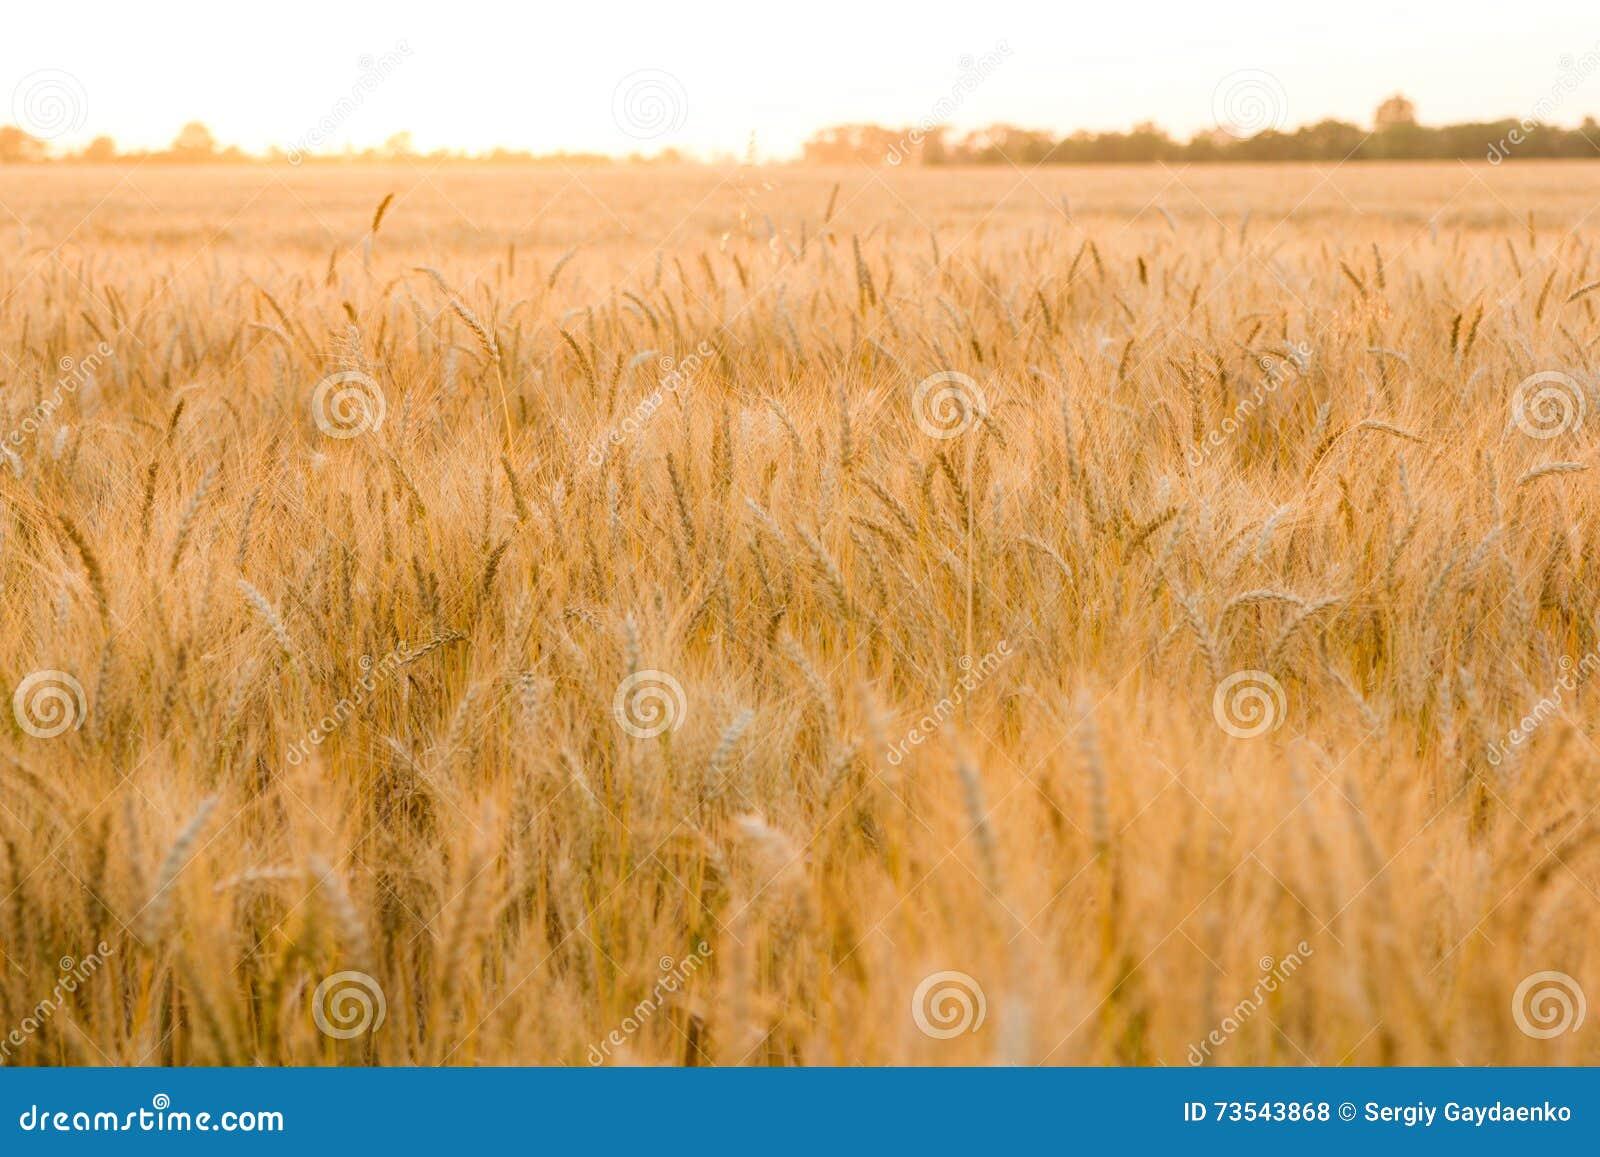 Τα αυτιά του χρυσού σίτου στον τομέα κλείνουν επάνω Όμορφο τοπίο ηλιοβασιλέματος φύσης Αγροτικό τοπίο κάτω από να λάμψει το φως τ